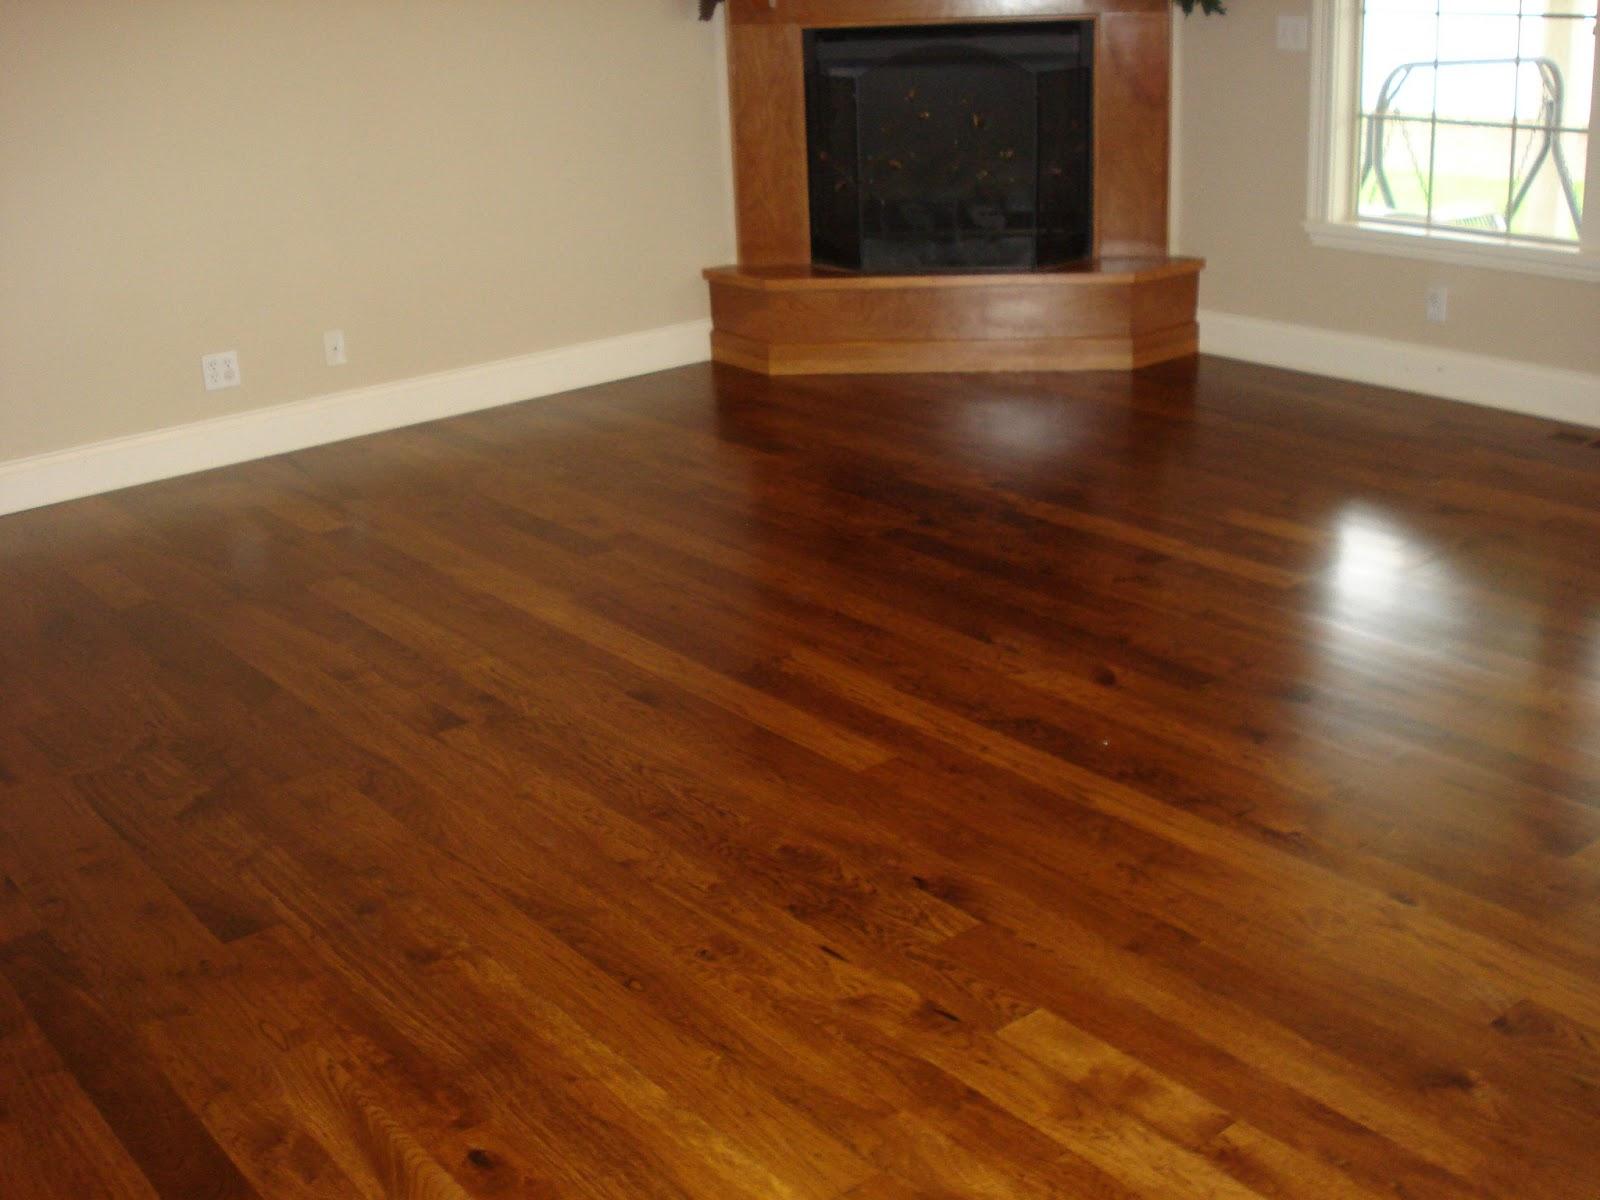 Hardwood Vs Laminate Especialista En Instalaci 243 N De Pisos Como Limpiar Pisos